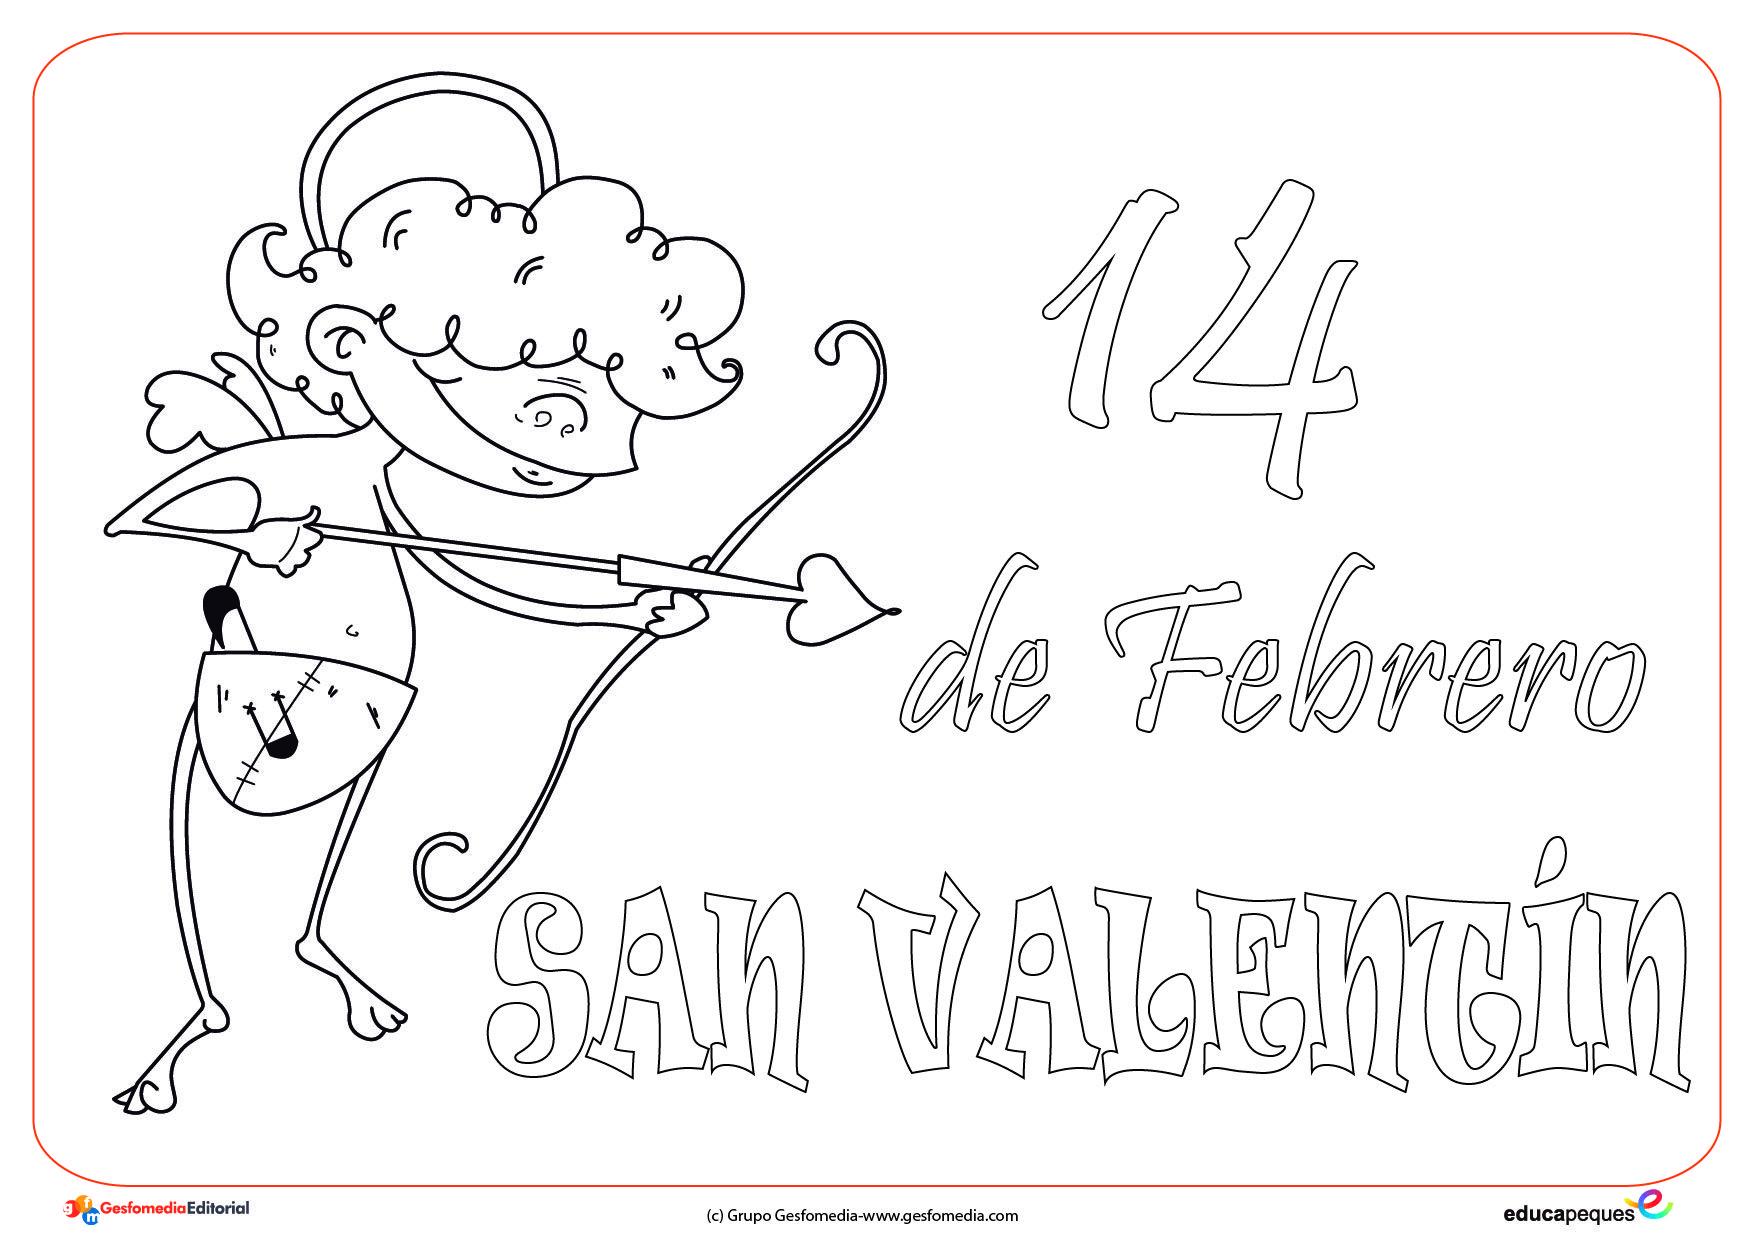 Dibujos Para Colorear Del Dia De Los Enamorados: 34 Imágenes Felíz Día De San Valentín Para Imprimir Y